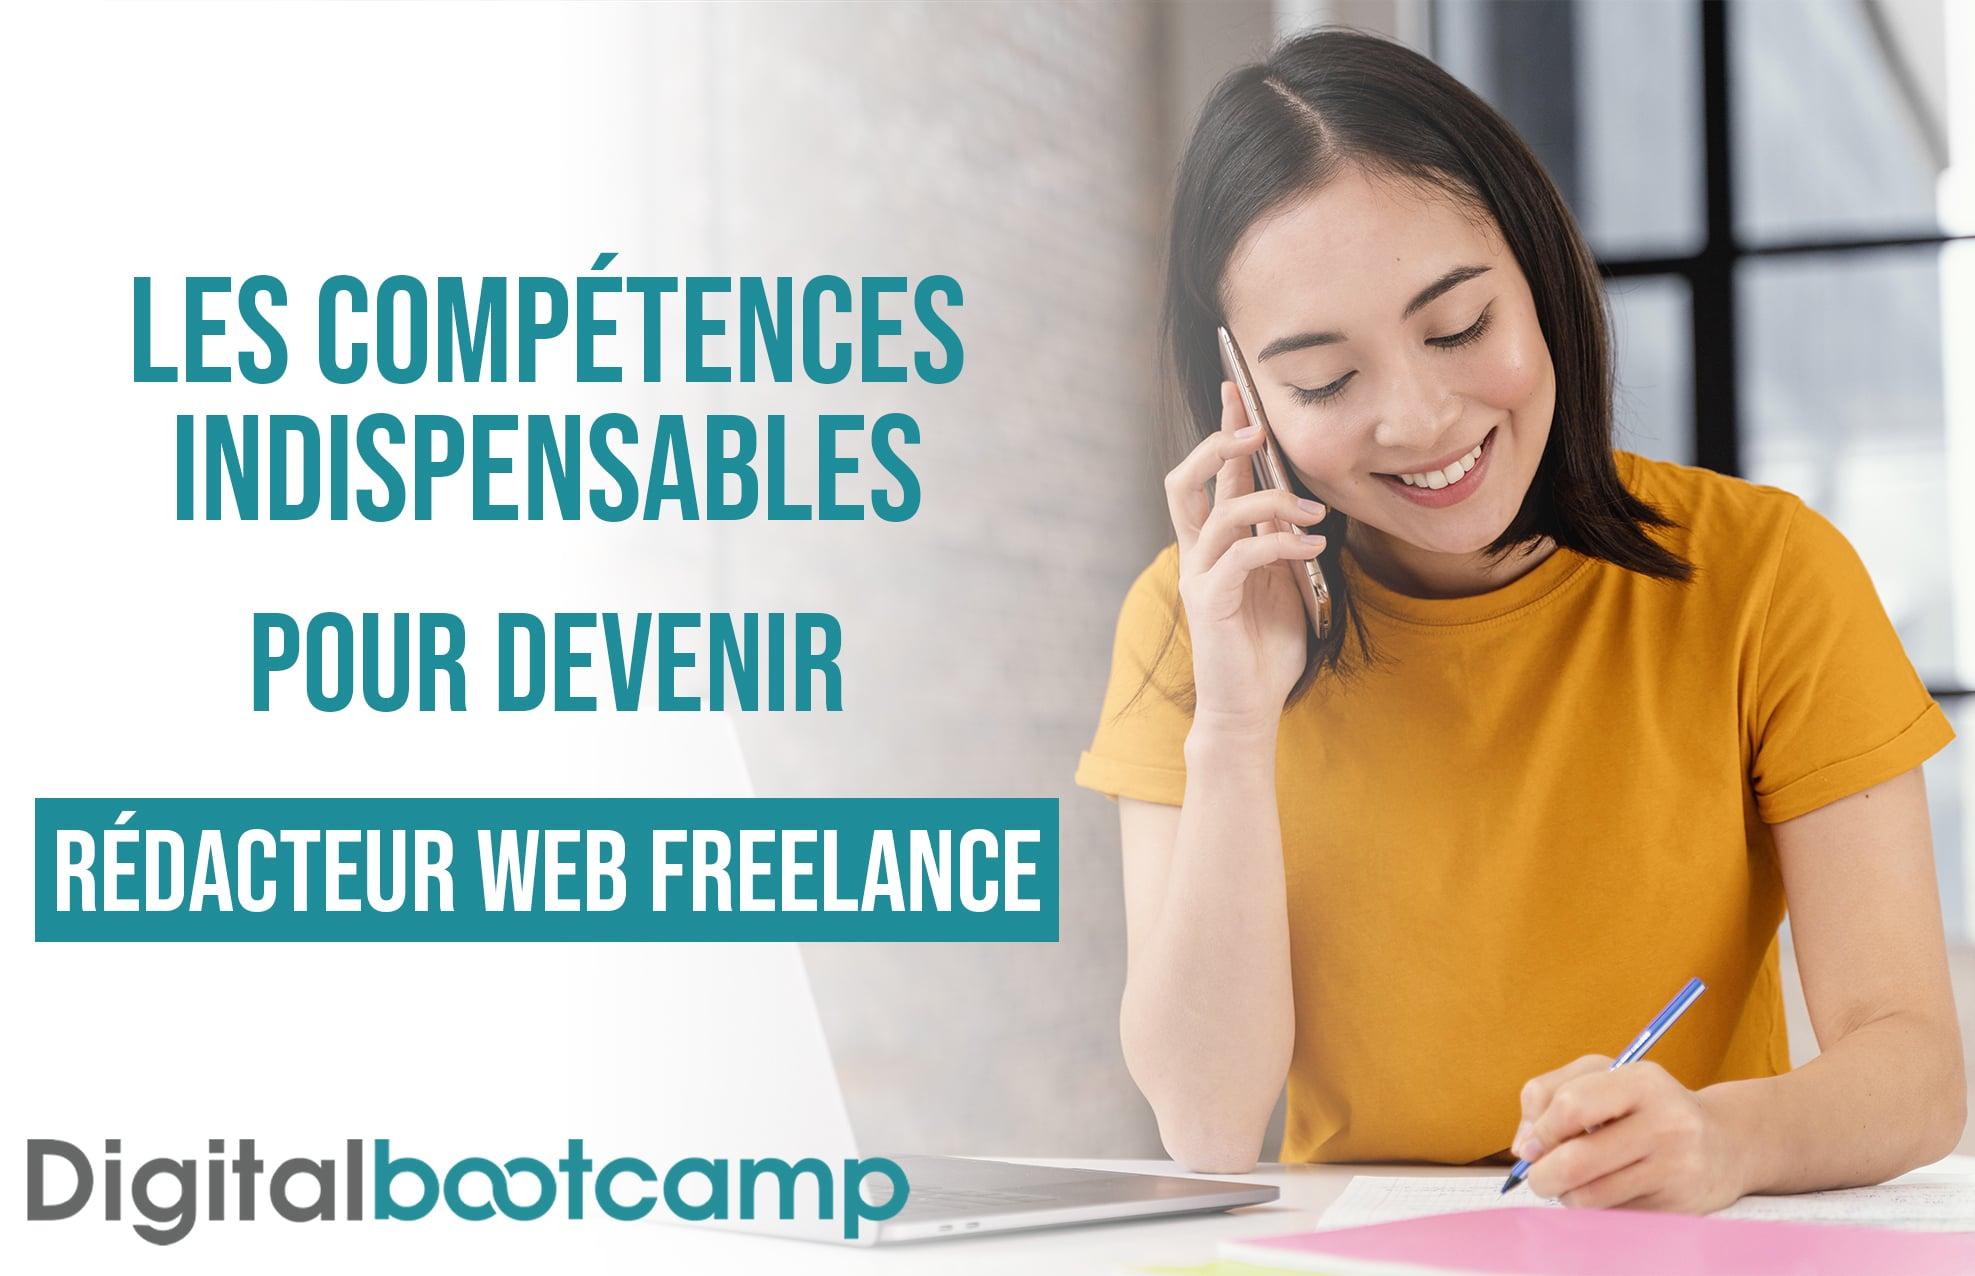 Les compétences insdispensable pour devenir rédacteur web